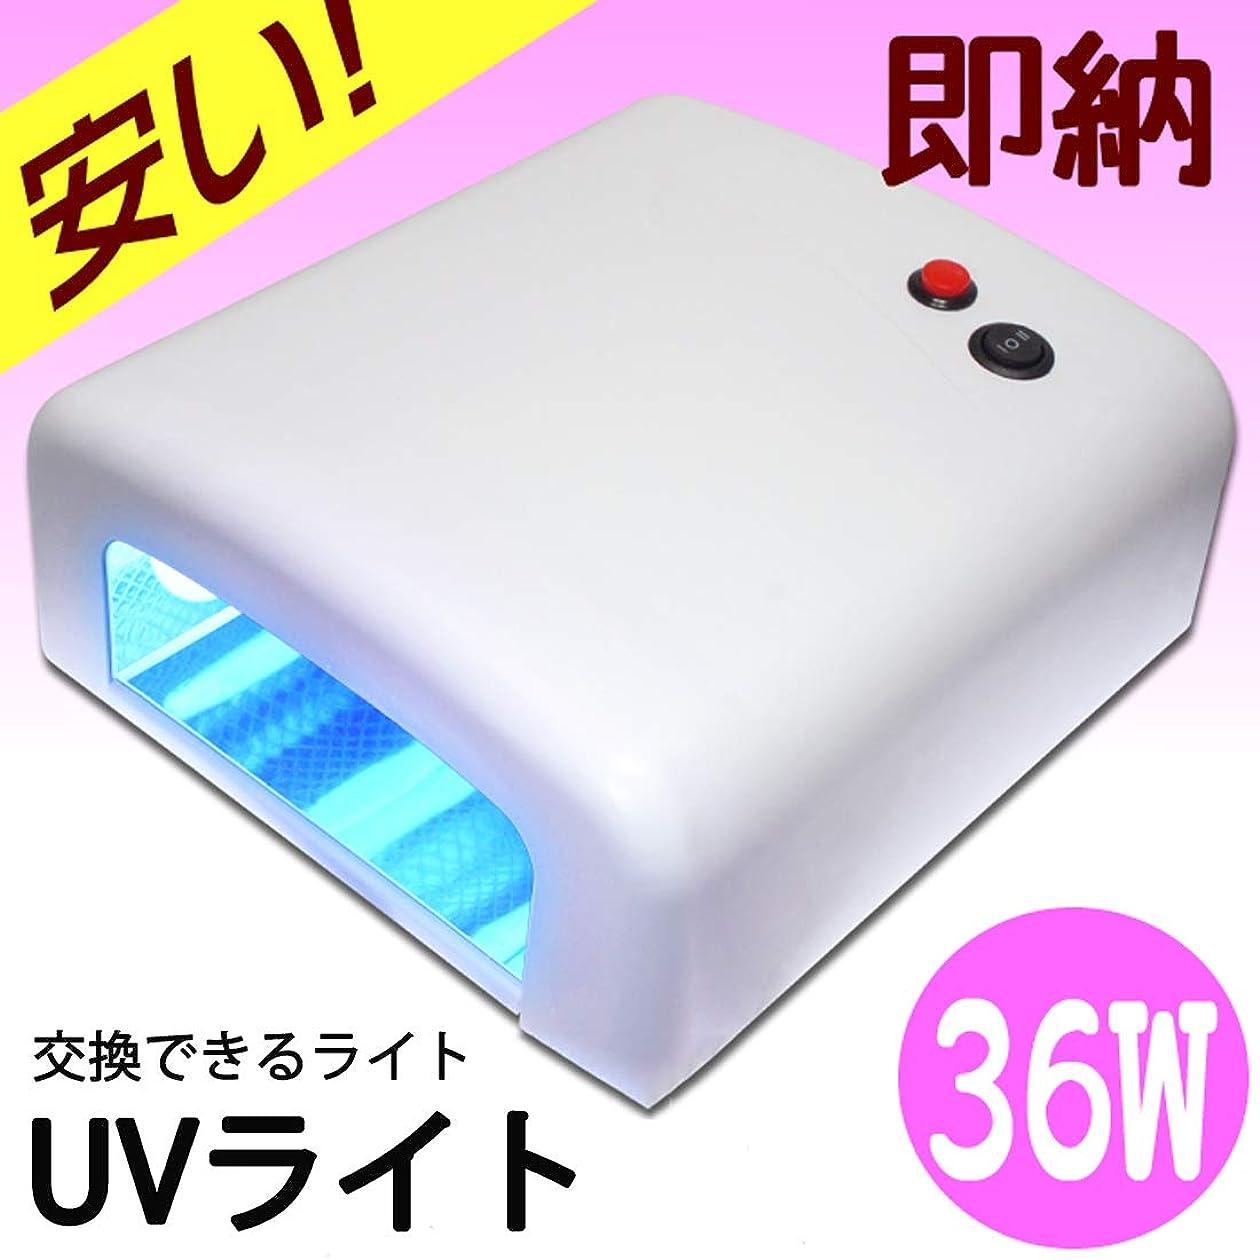 圧倒する評決さまようUVライト 白 ハイパワー ジェルネイル用 ホワイト 36W UVライト 単品単体 プロ仕様本体 UVランプ タイマー付き レジンクラフト用にも最適 ネイルドライヤー レジンライト